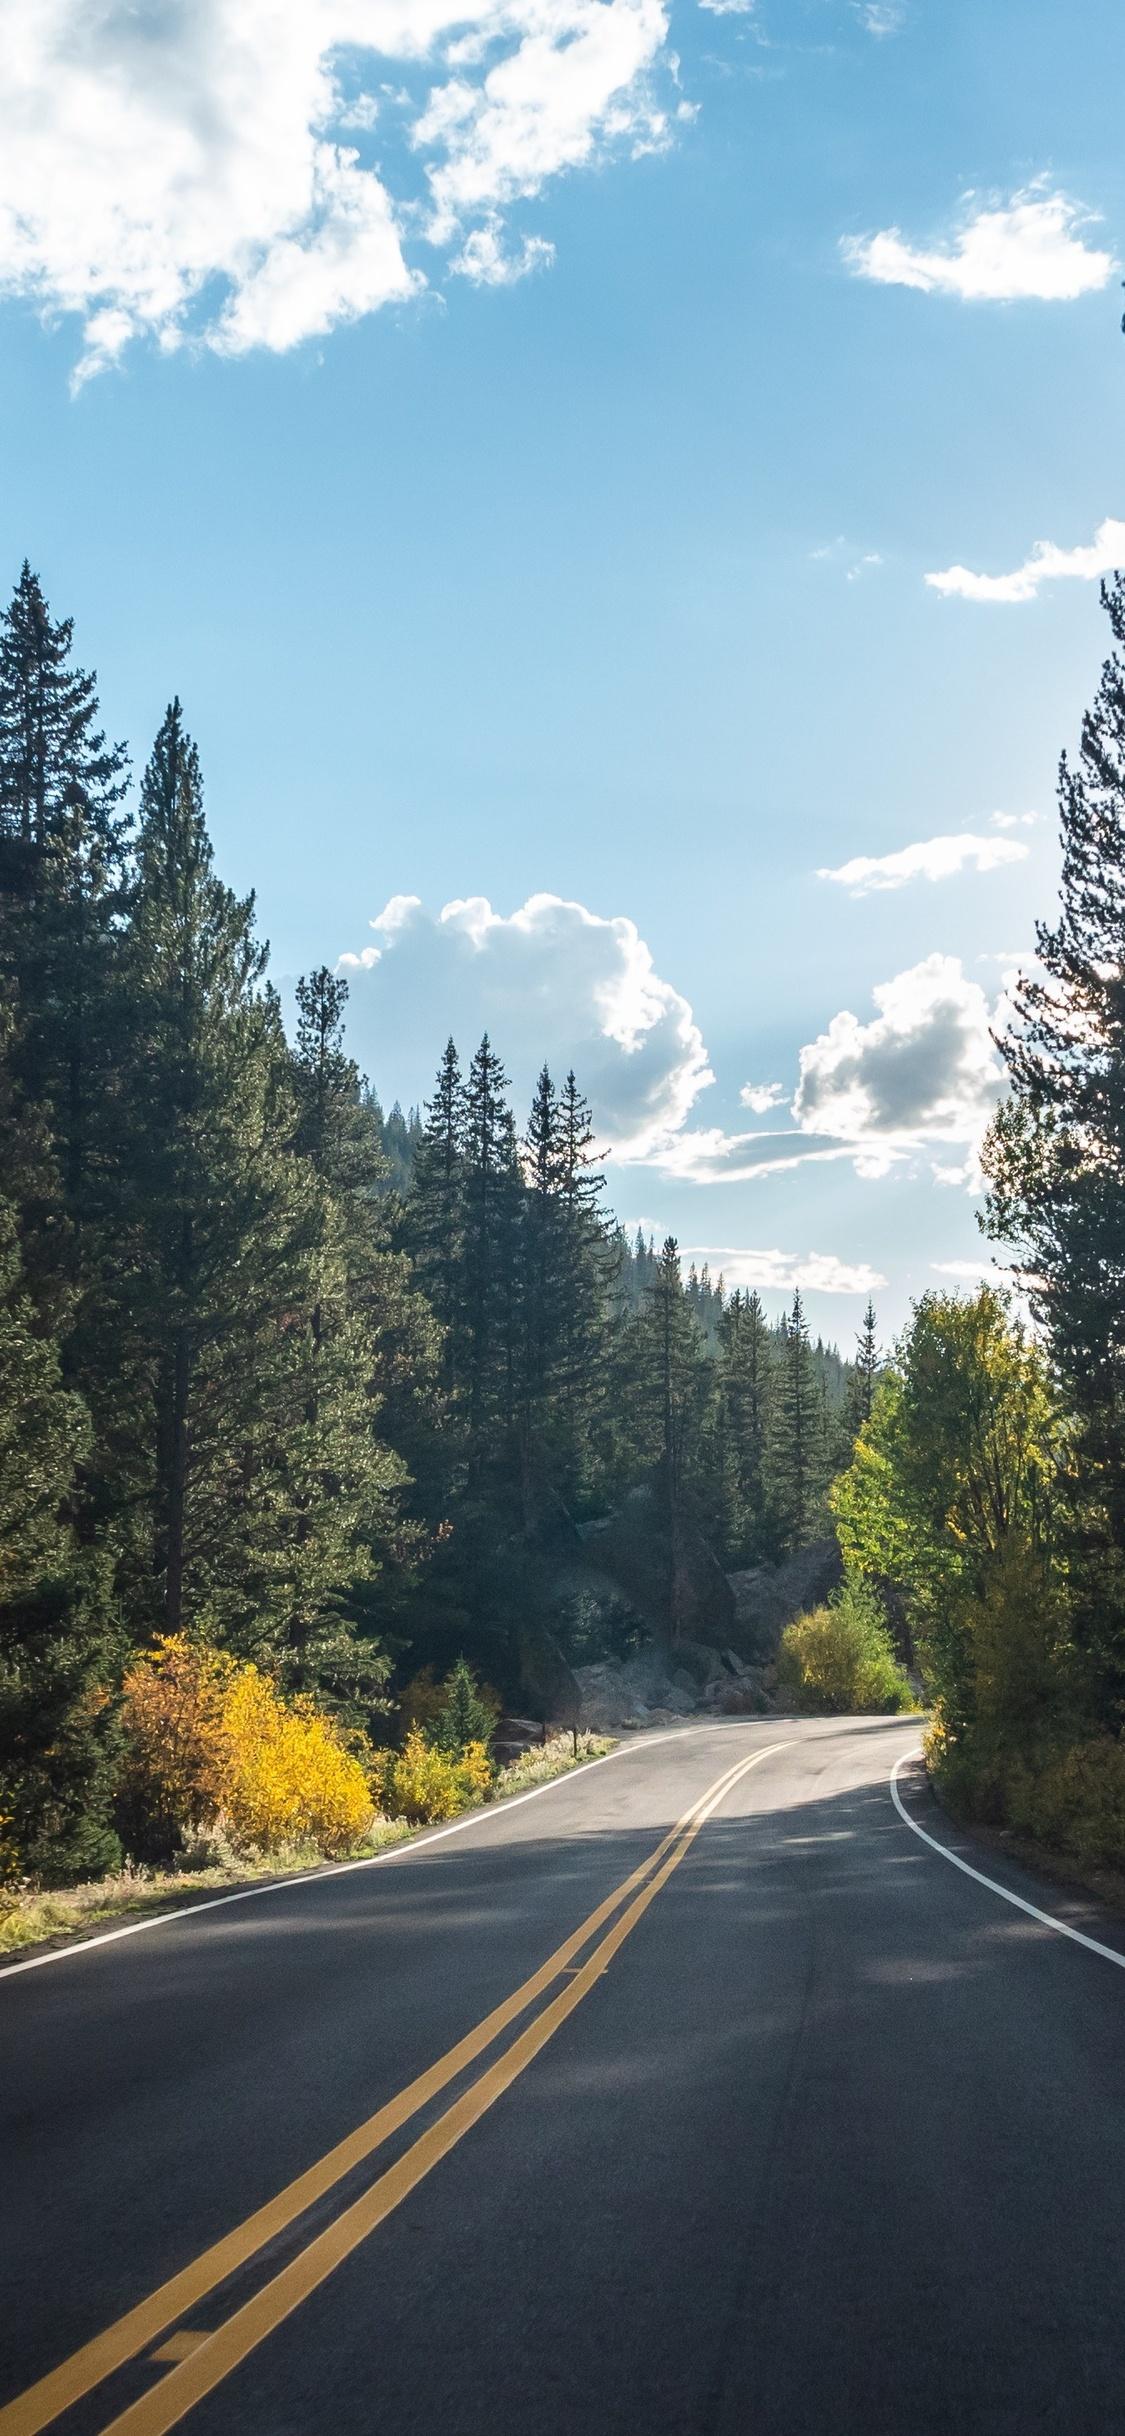 1125x2436 Forest Road Asphalt Landscape 5k Iphone Xs Iphone